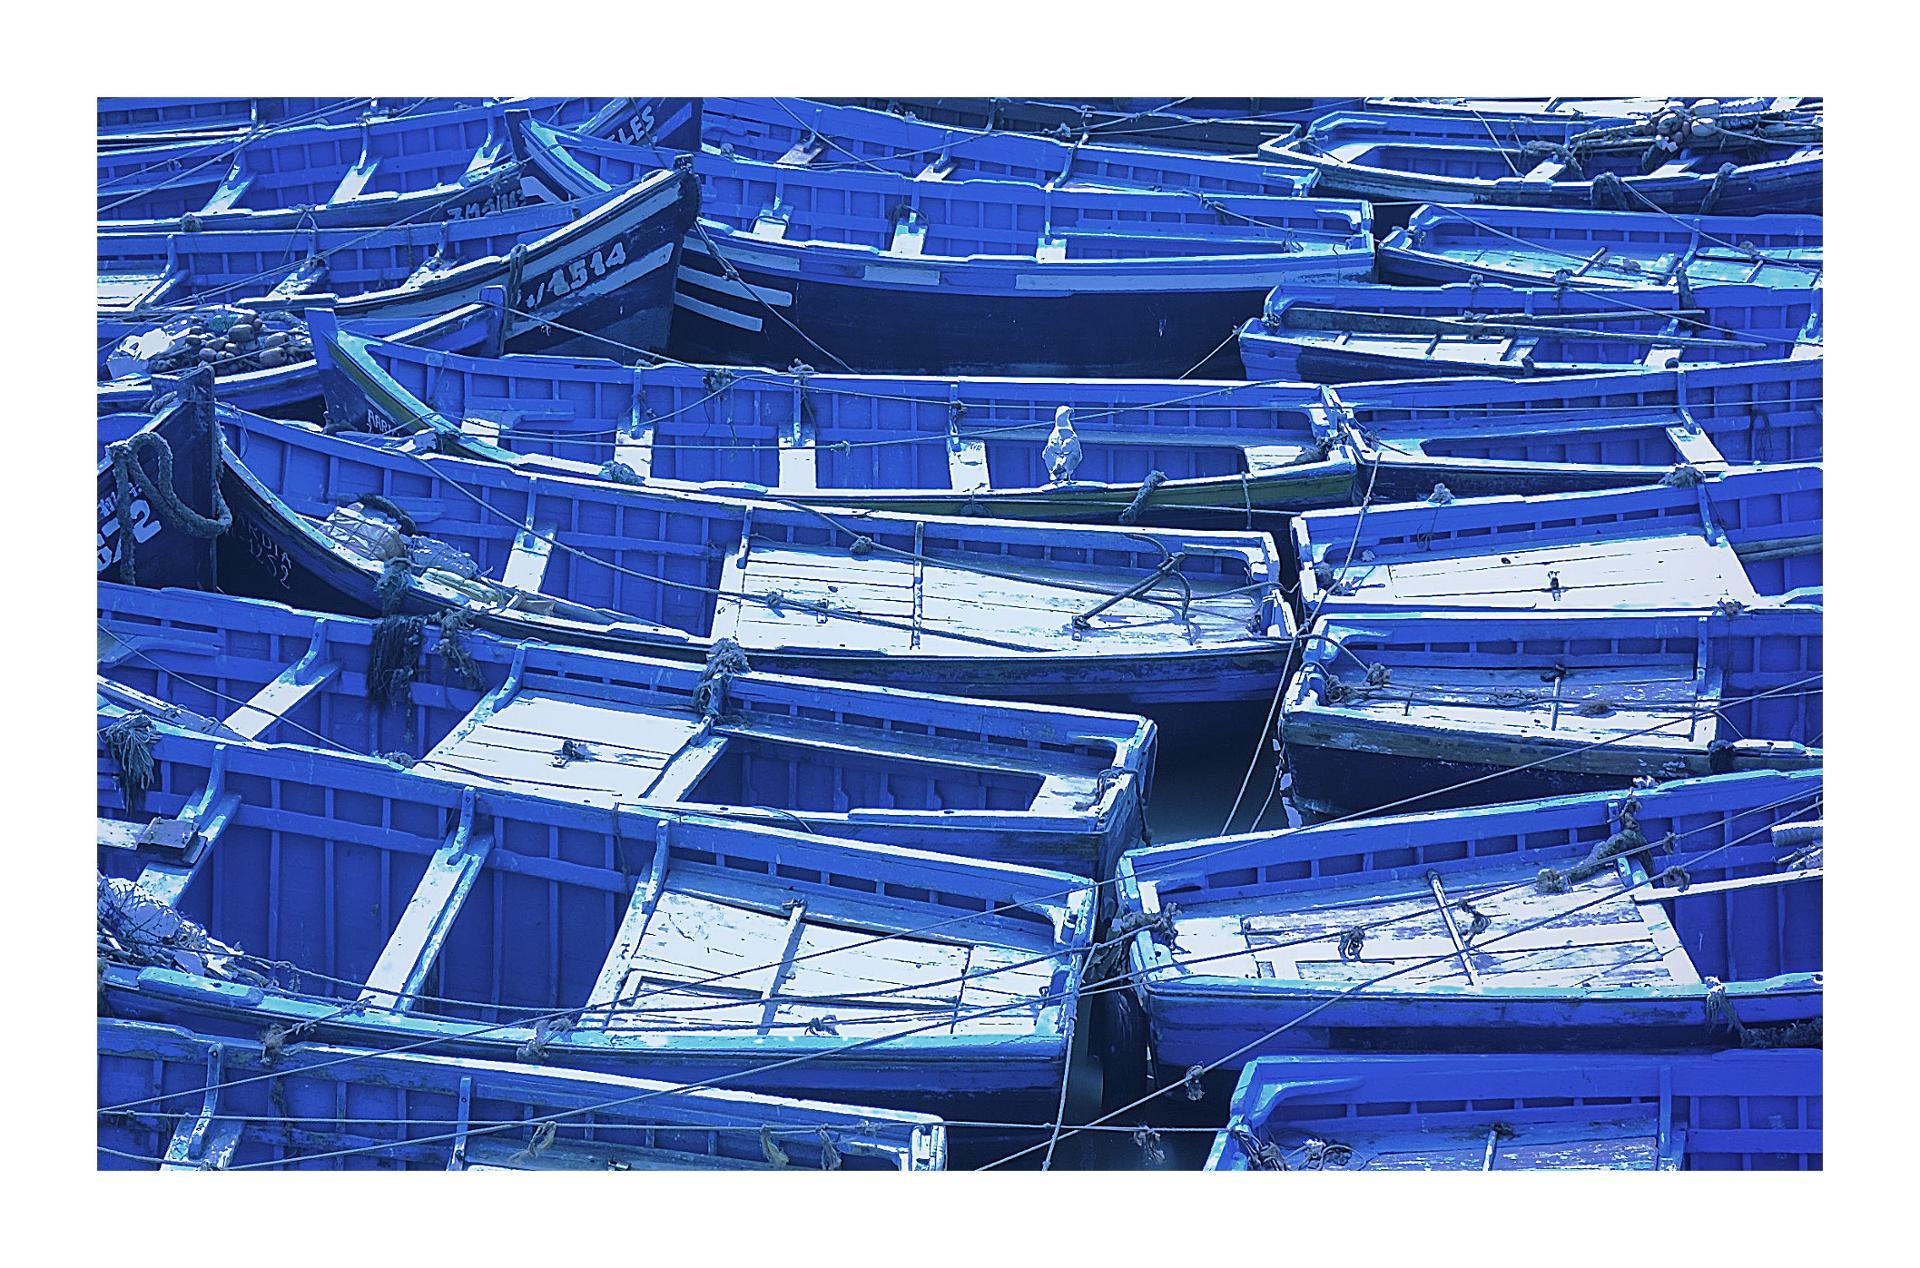 Bateaux Bleus